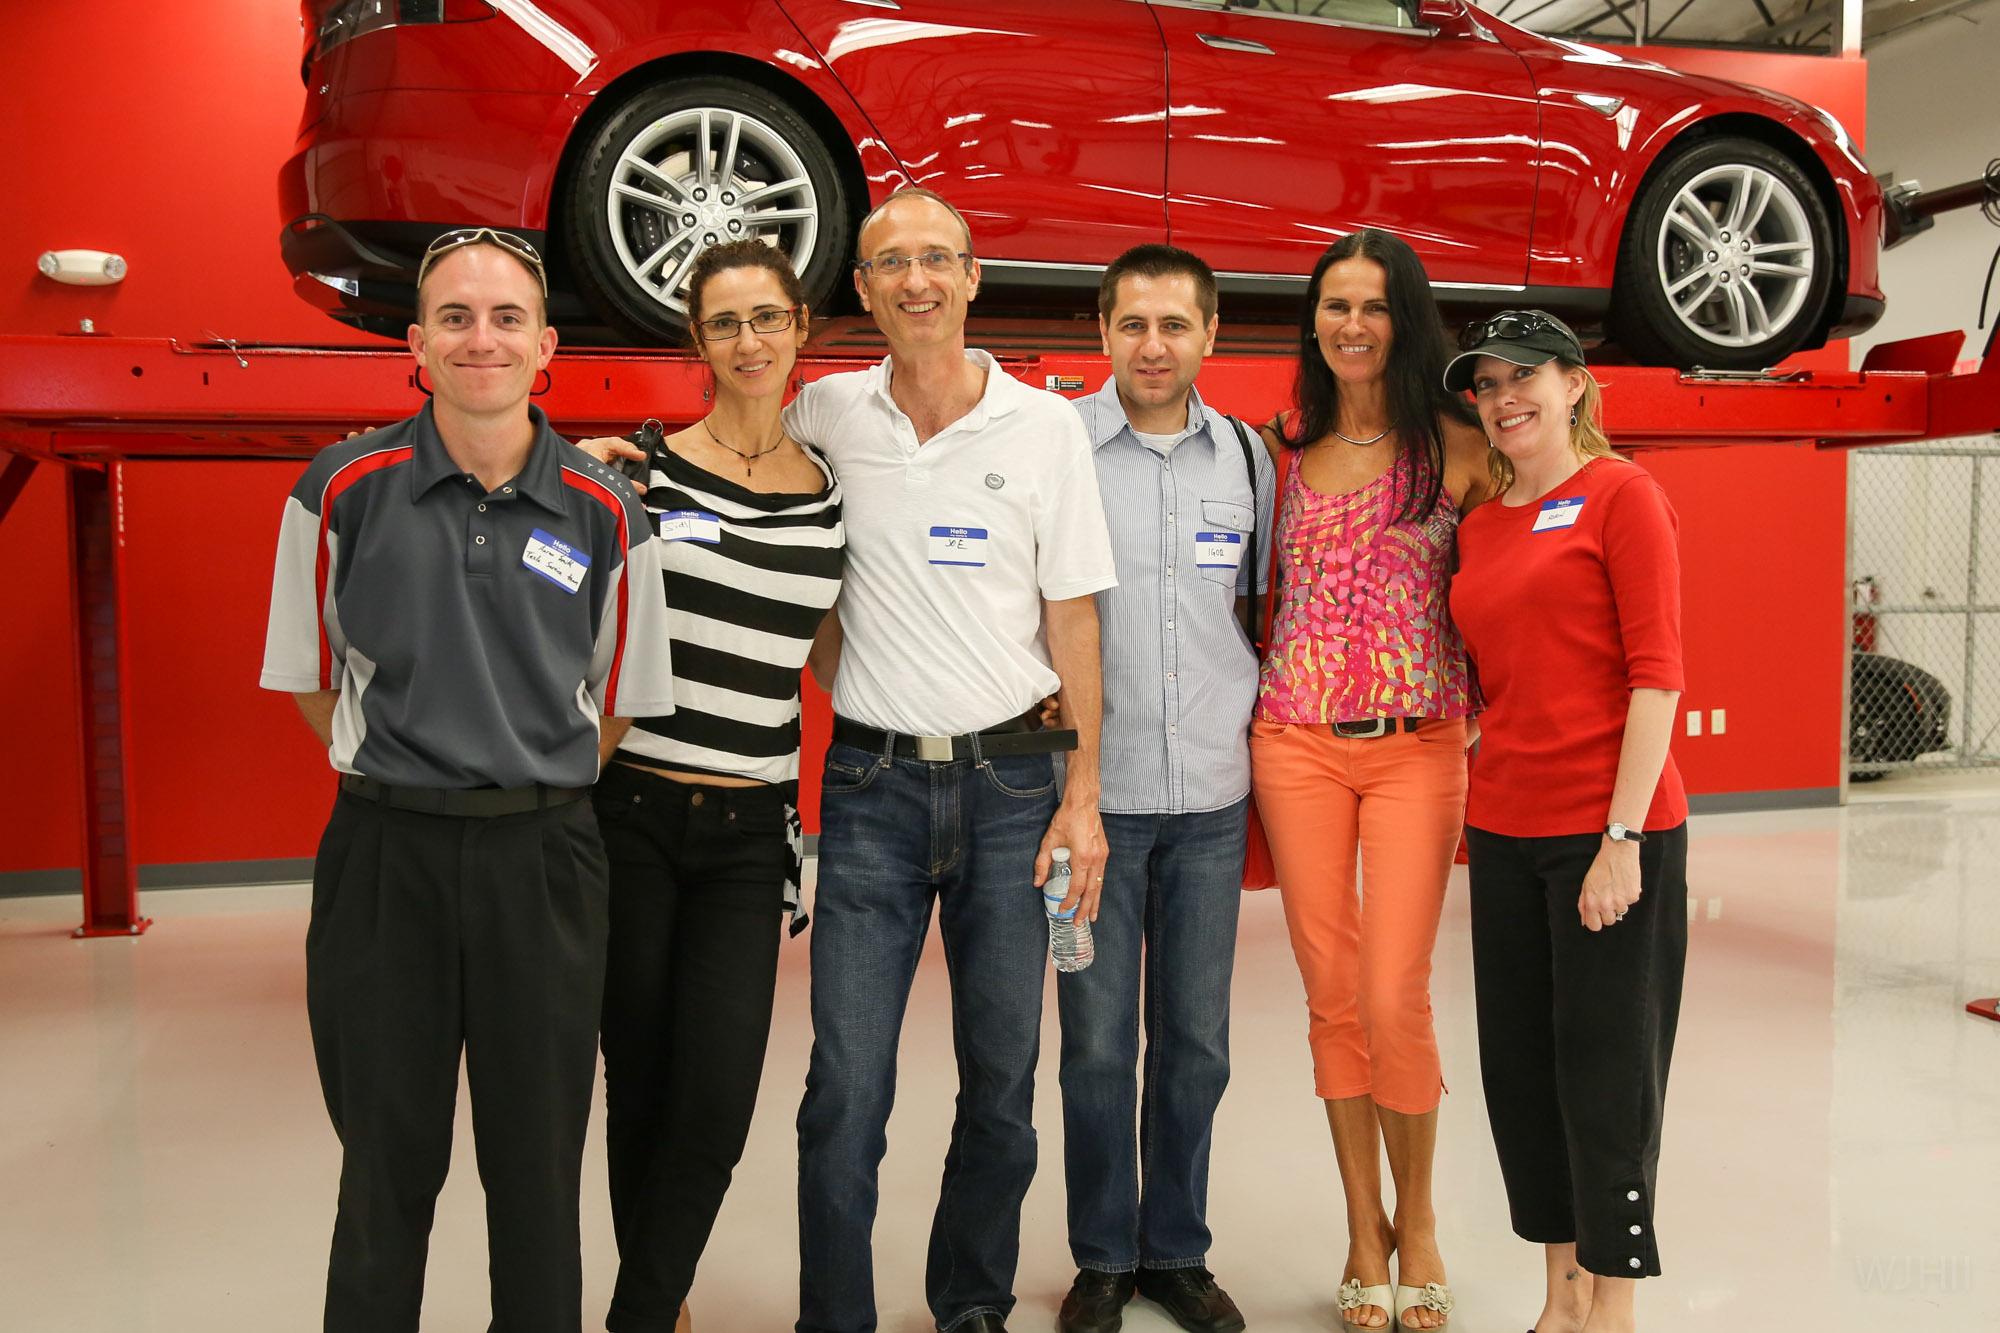 TeslaMotorsClub_Tampa_28APR13_0131.jpg